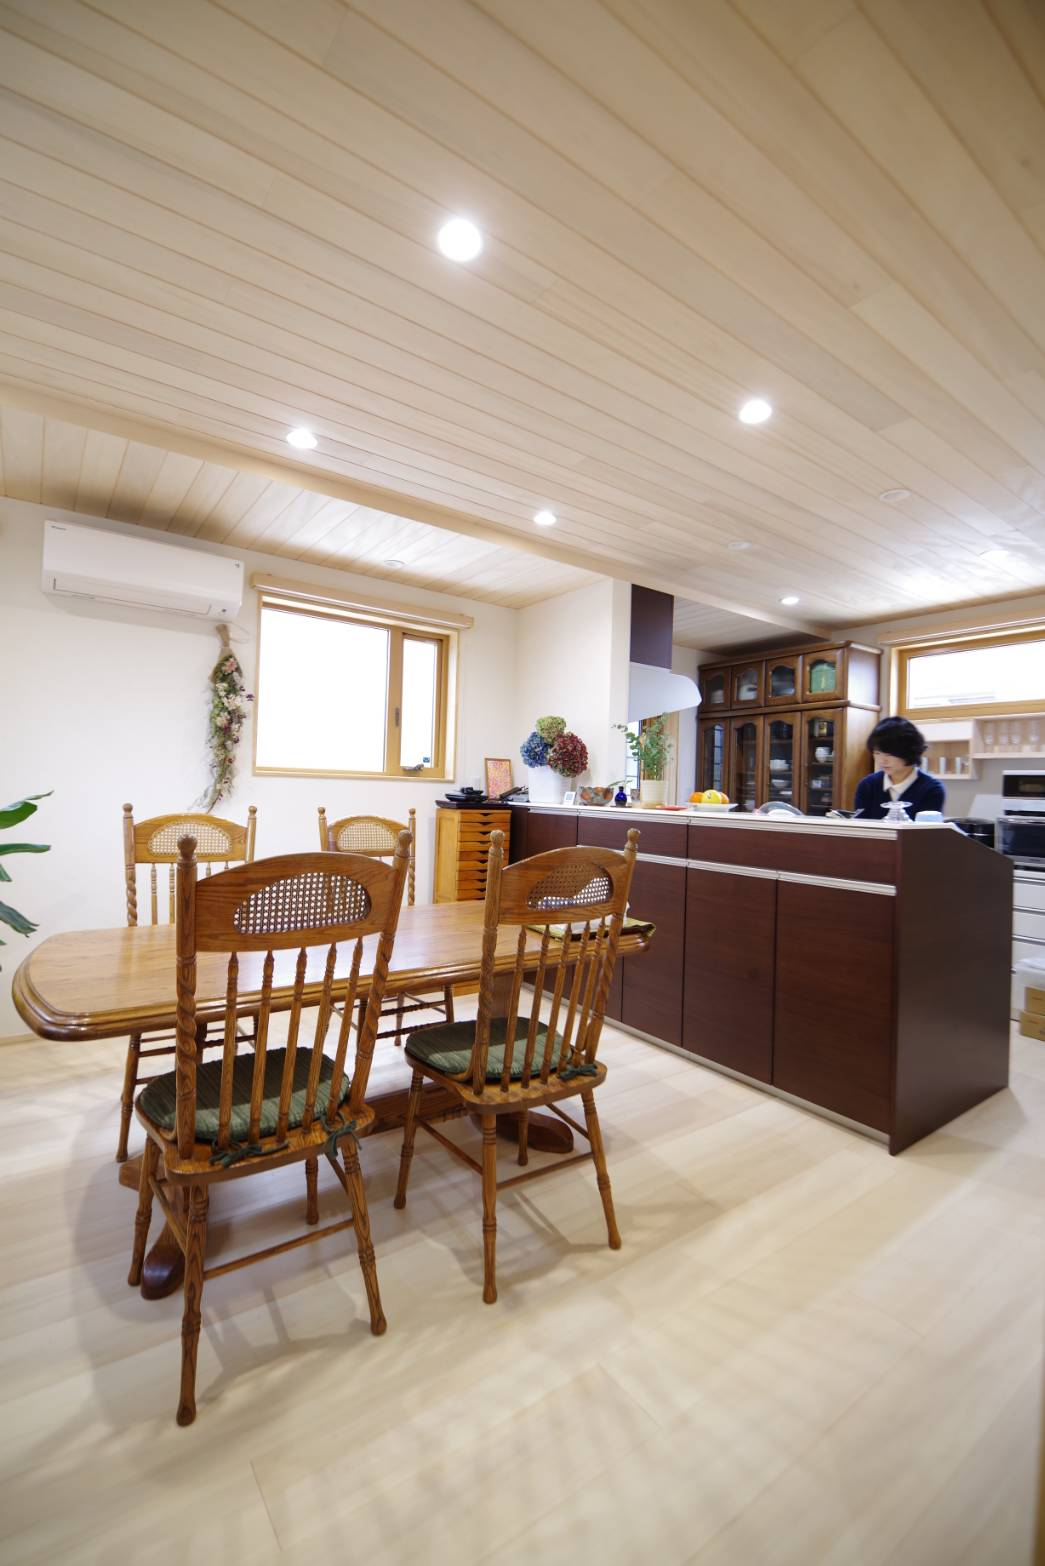 <p>天井にももみの木を貼ることで、湿度が高い梅雨も気分良く調理ができます。<br />ダウンライトで照明器具のお掃除を省き、家事ラクです。</p>